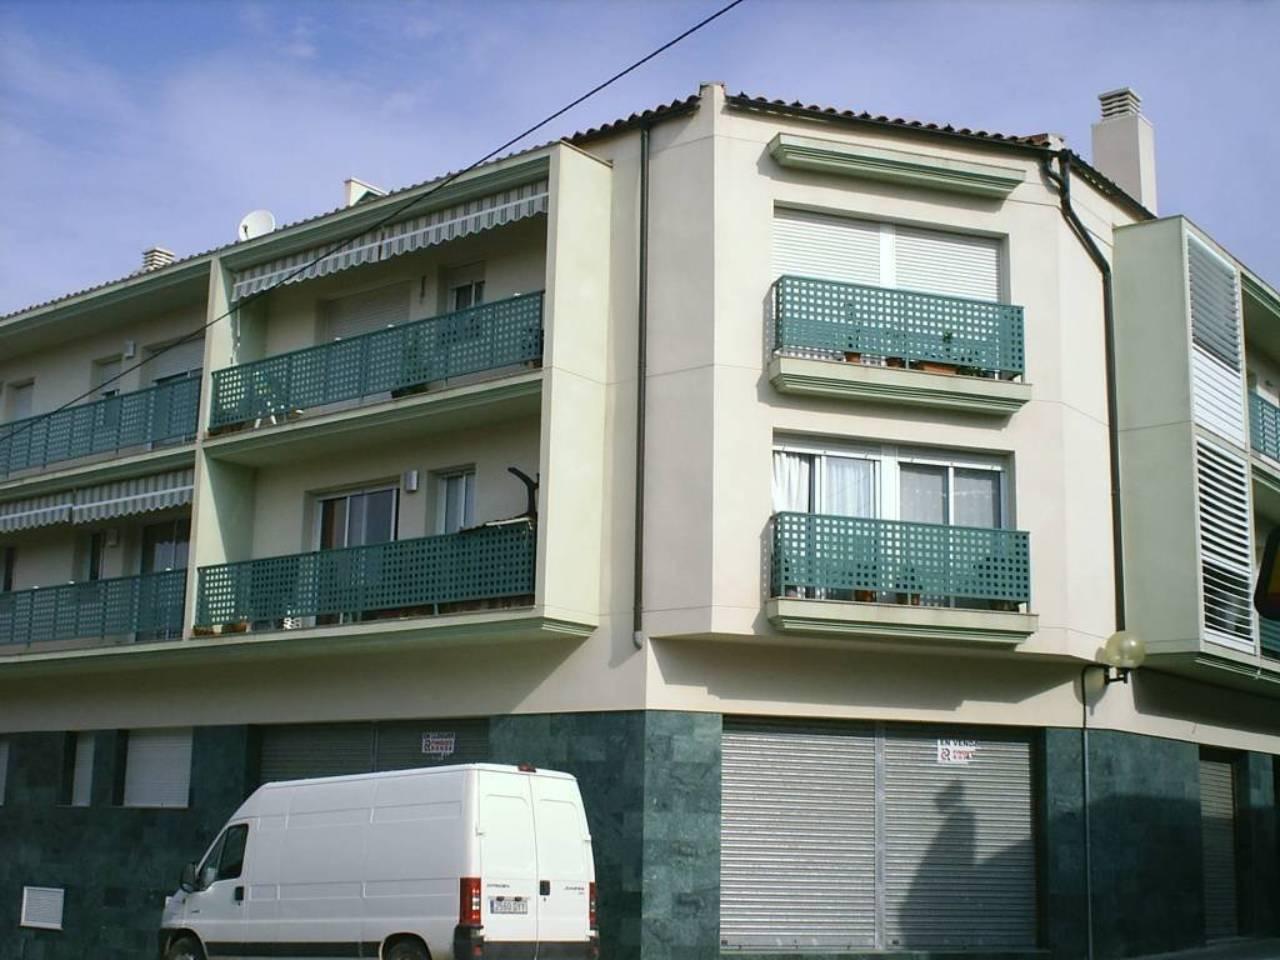 Pis  Avenida enric batet. Superf. 90 m²,  3 habitaciones,  1 baño, cocina, comedor, traste